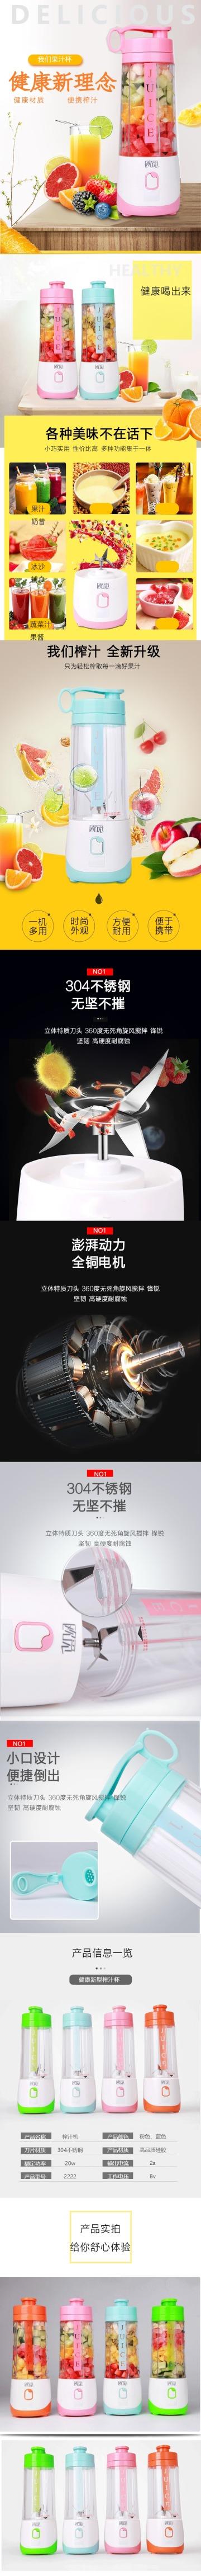 清新简约百货零售家居生活家电榨汁机促销电商详情页